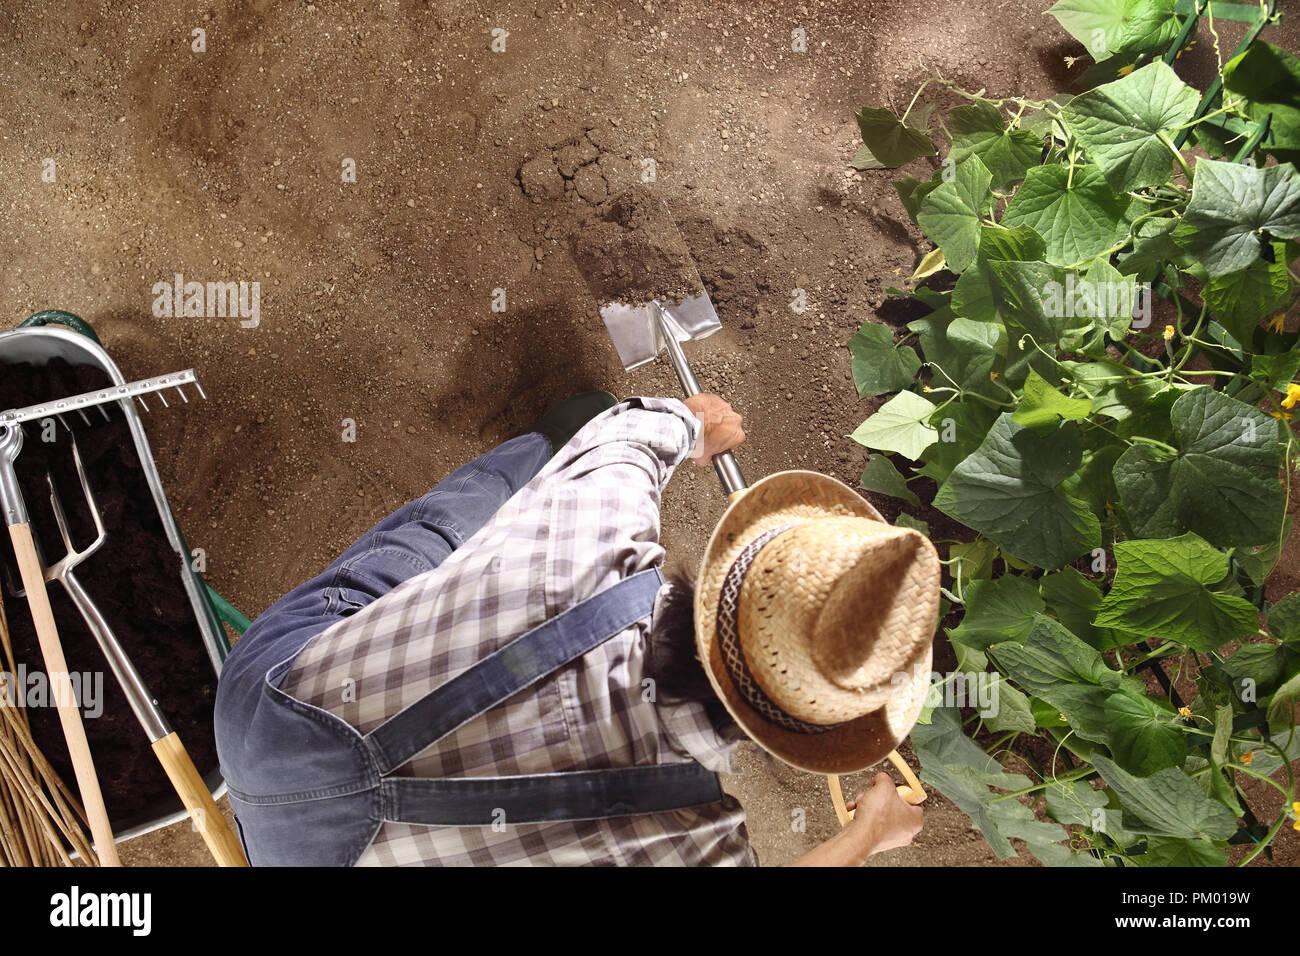 El hombre agricultor trabaja con la bayoneta en el jardín vegetal, ruptura y mover la tierra cerca de una planta de pepino, vista superior y copiar la plantilla de espacio Foto de stock